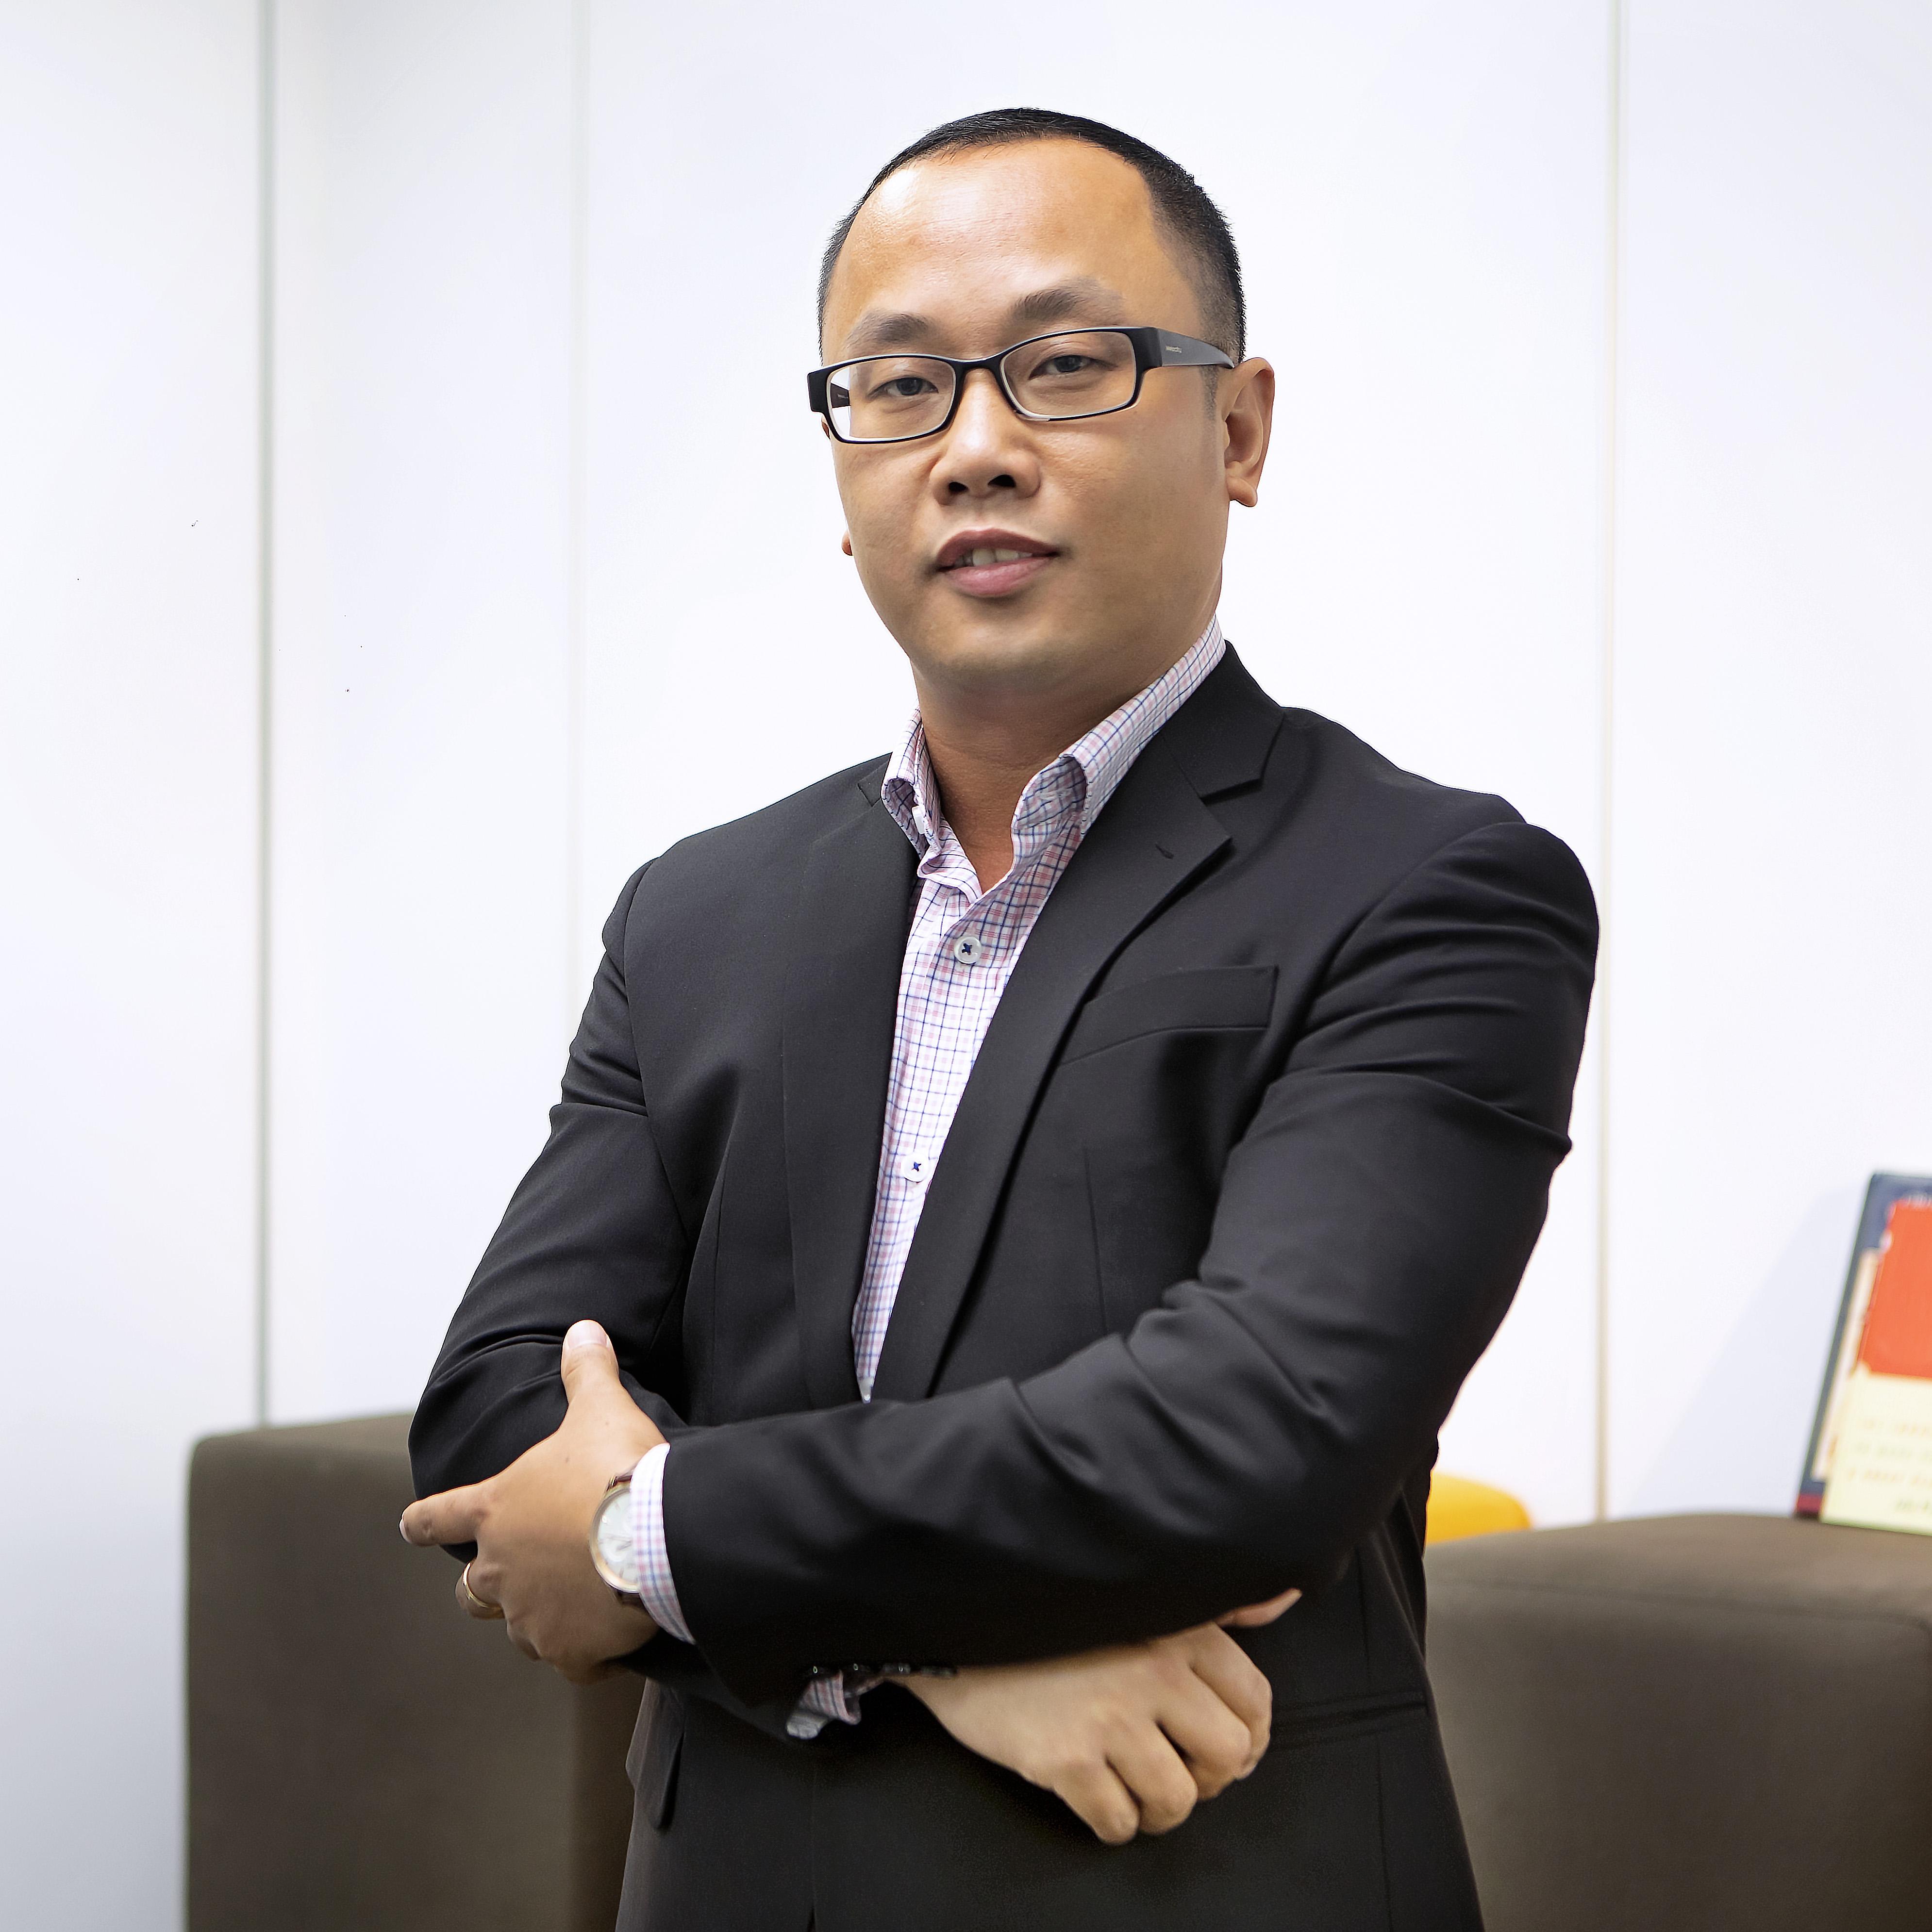 Trần Vũ Thanh